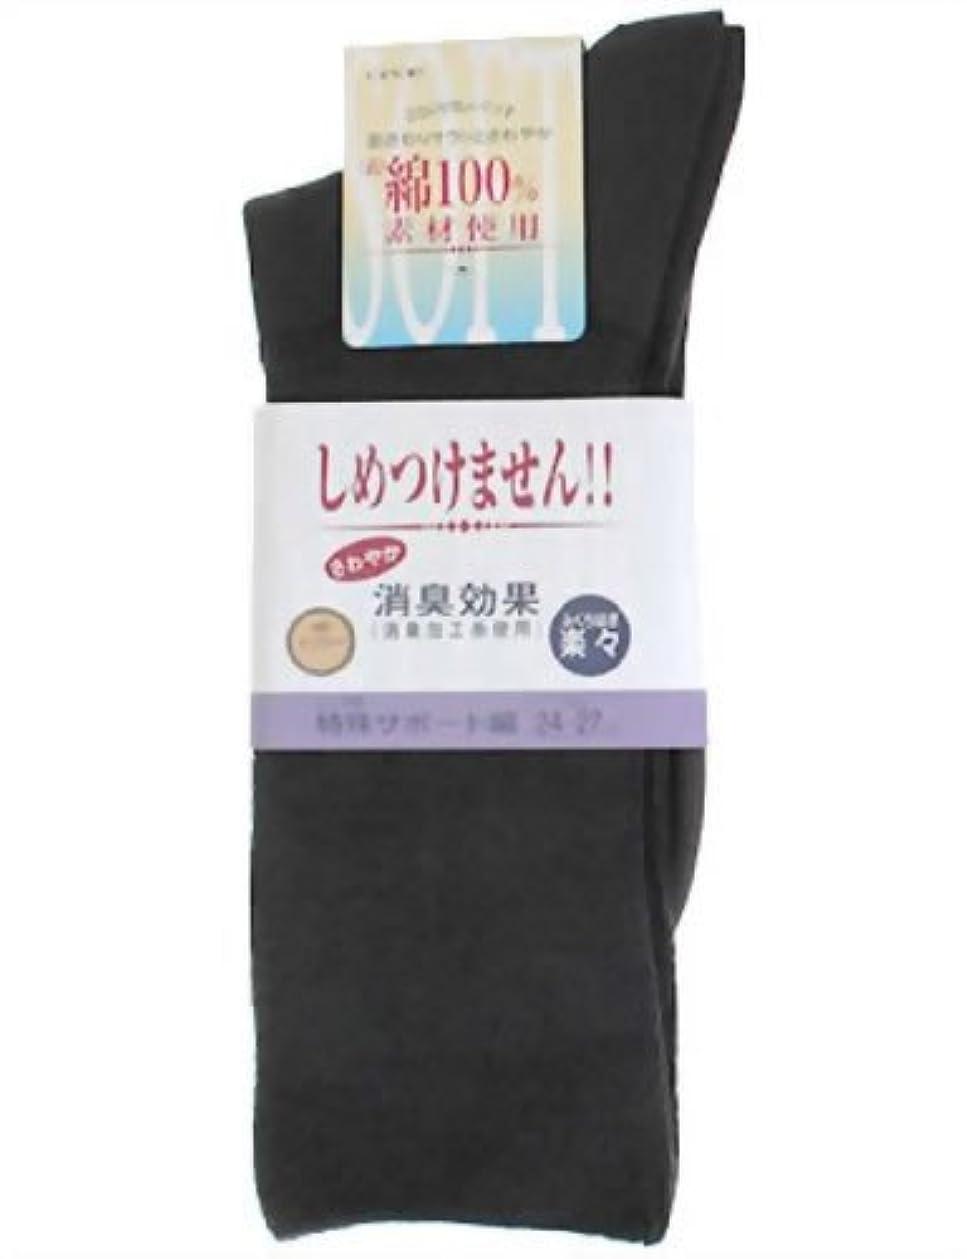 ためにソーダ水玉コベス 紳士用 ふくらはぎ楽らくソックス(綿混) ダークグレー 24-27cm